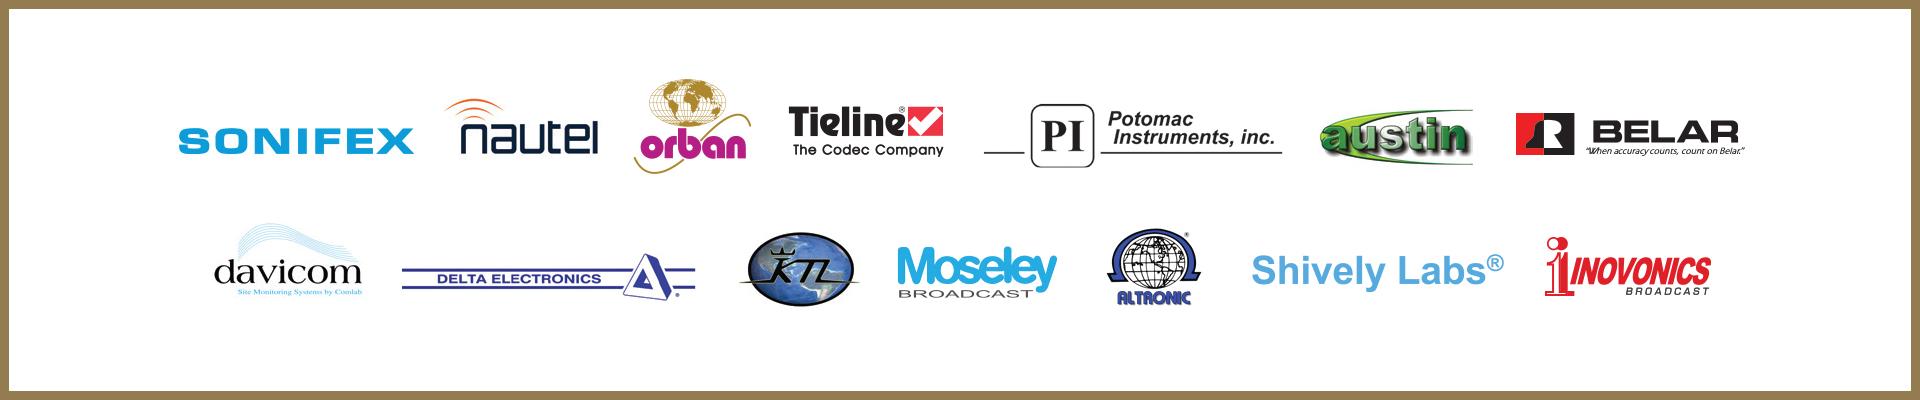 Partner's logos